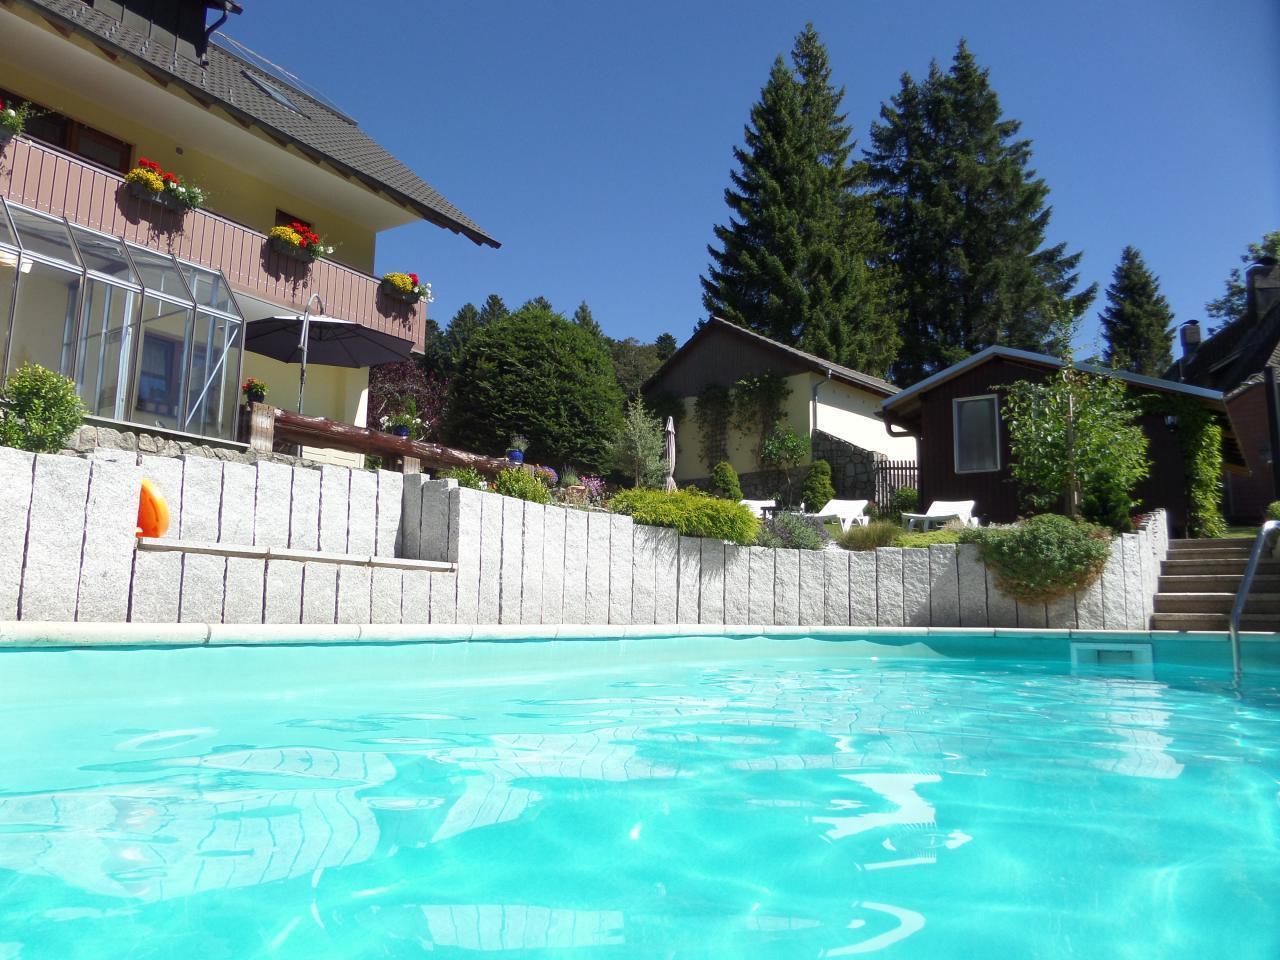 Ferienwohnung Gästehaus Dummer - Ferienwohnung Wehratal  5 Sterne (468257), Herrischried, Schwarzwald, Baden-Württemberg, Deutschland, Bild 20